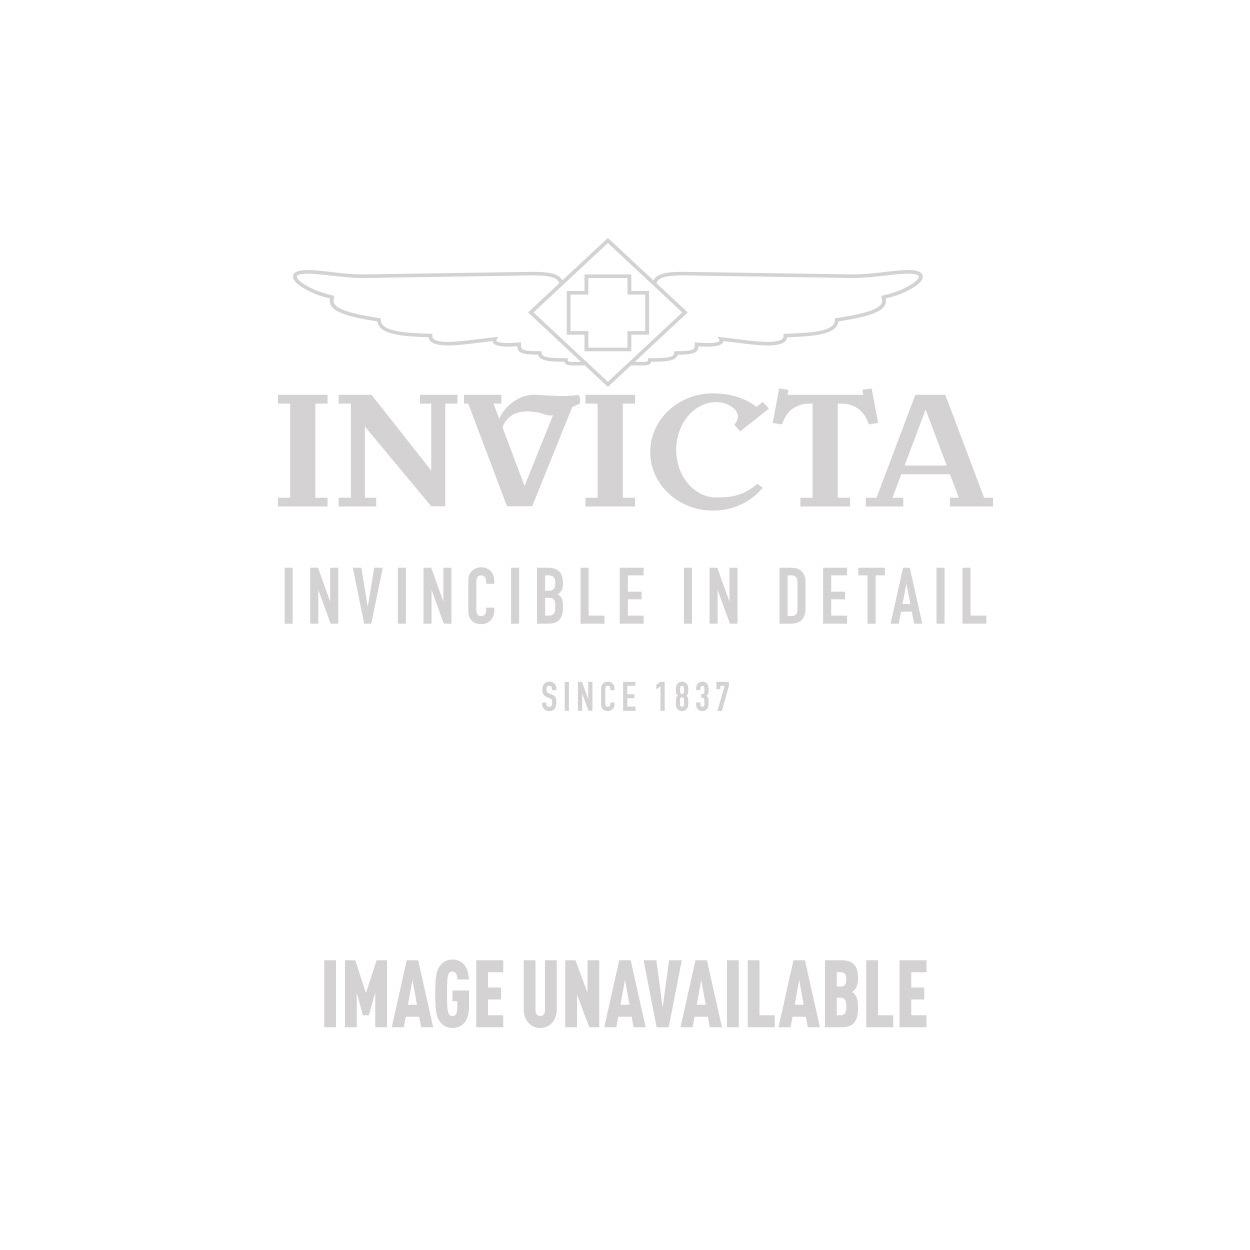 Invicta Model 27934